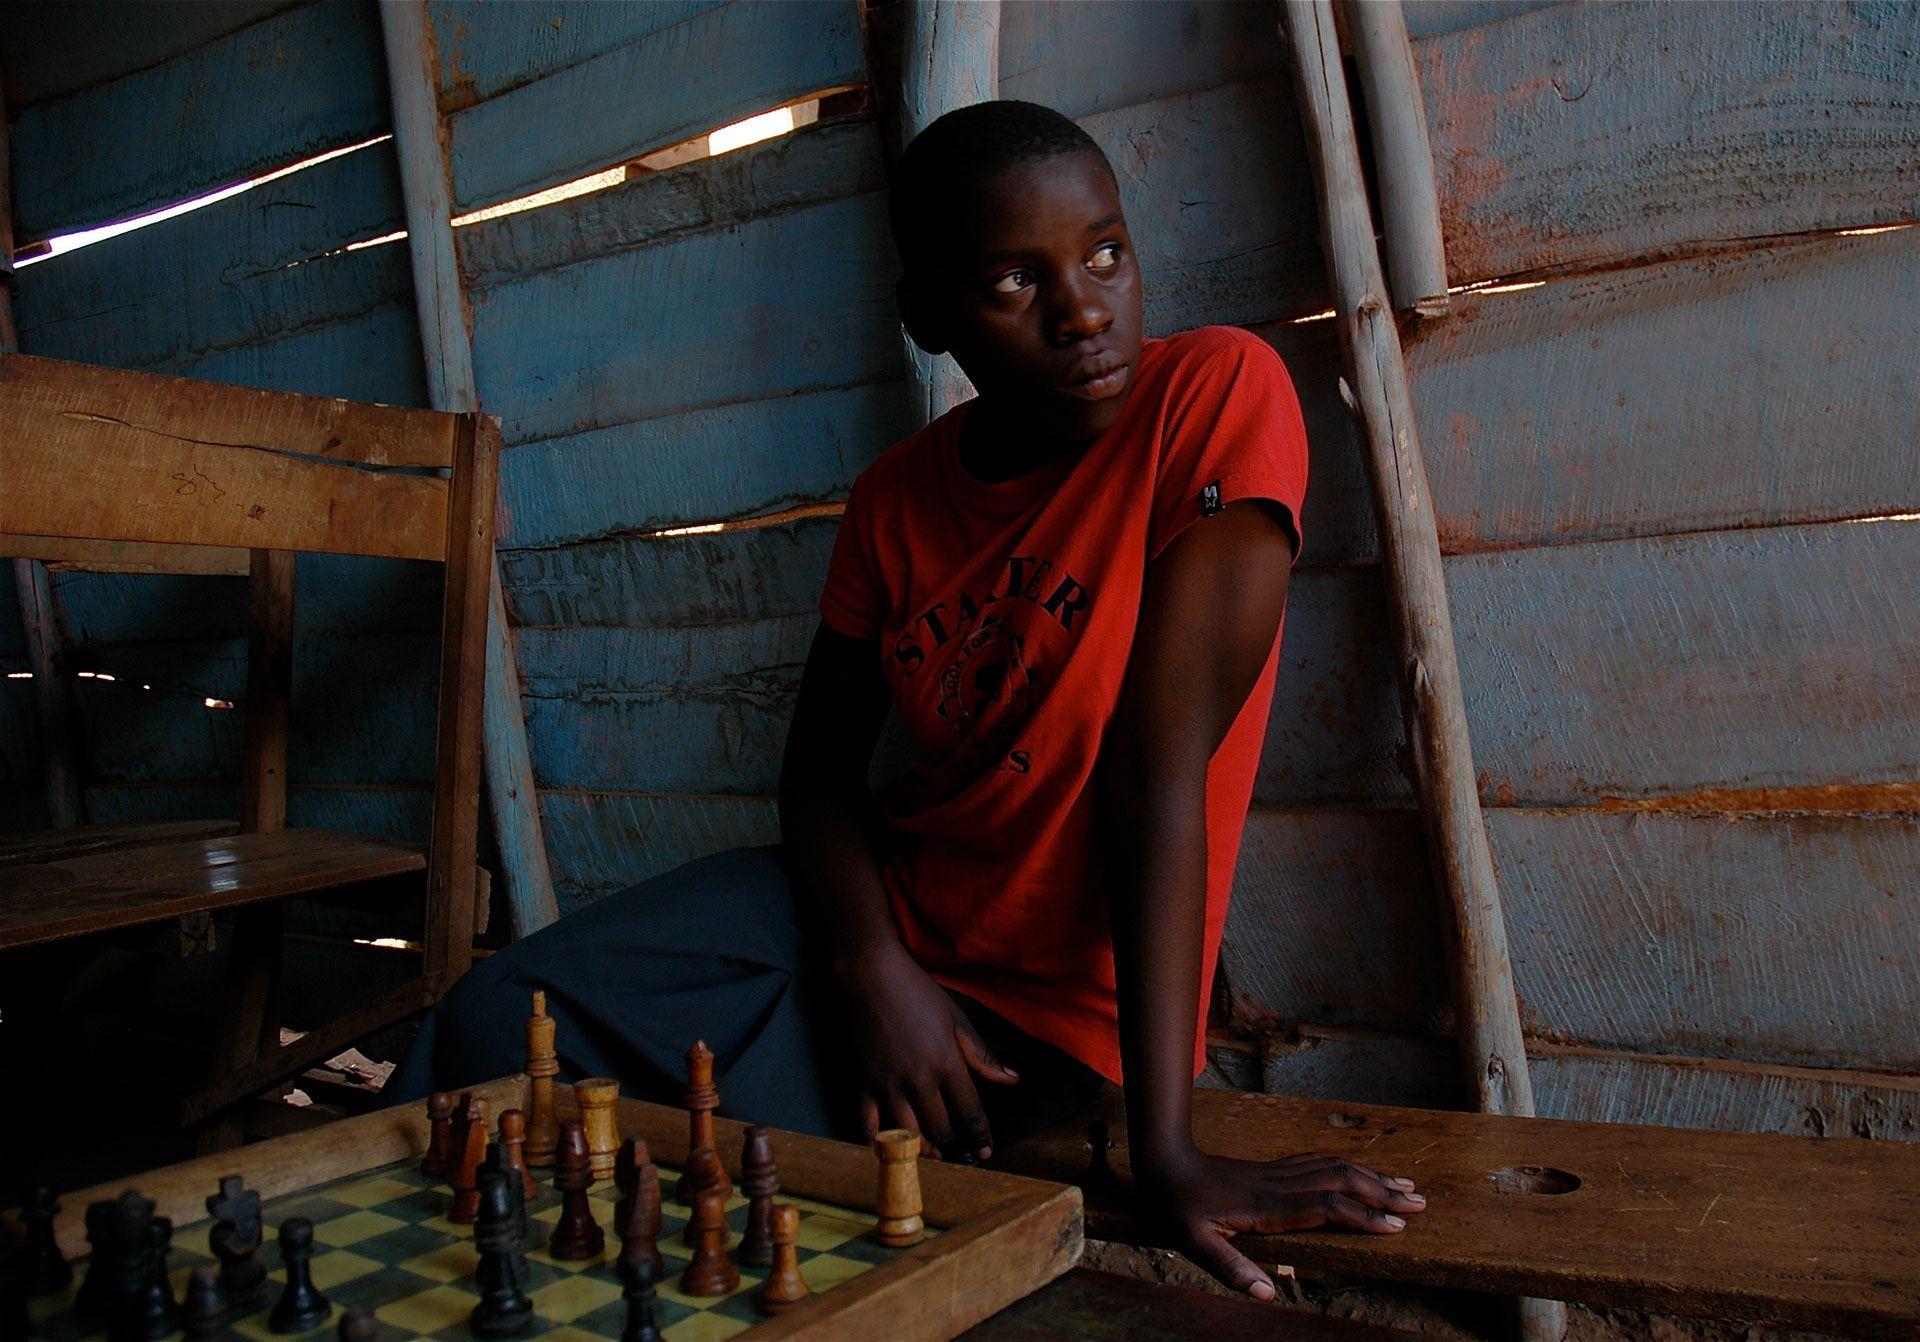 Phiona con el tablero en su tierra natal, Uganda, donde el juego la salvó de la pobreza extrema.